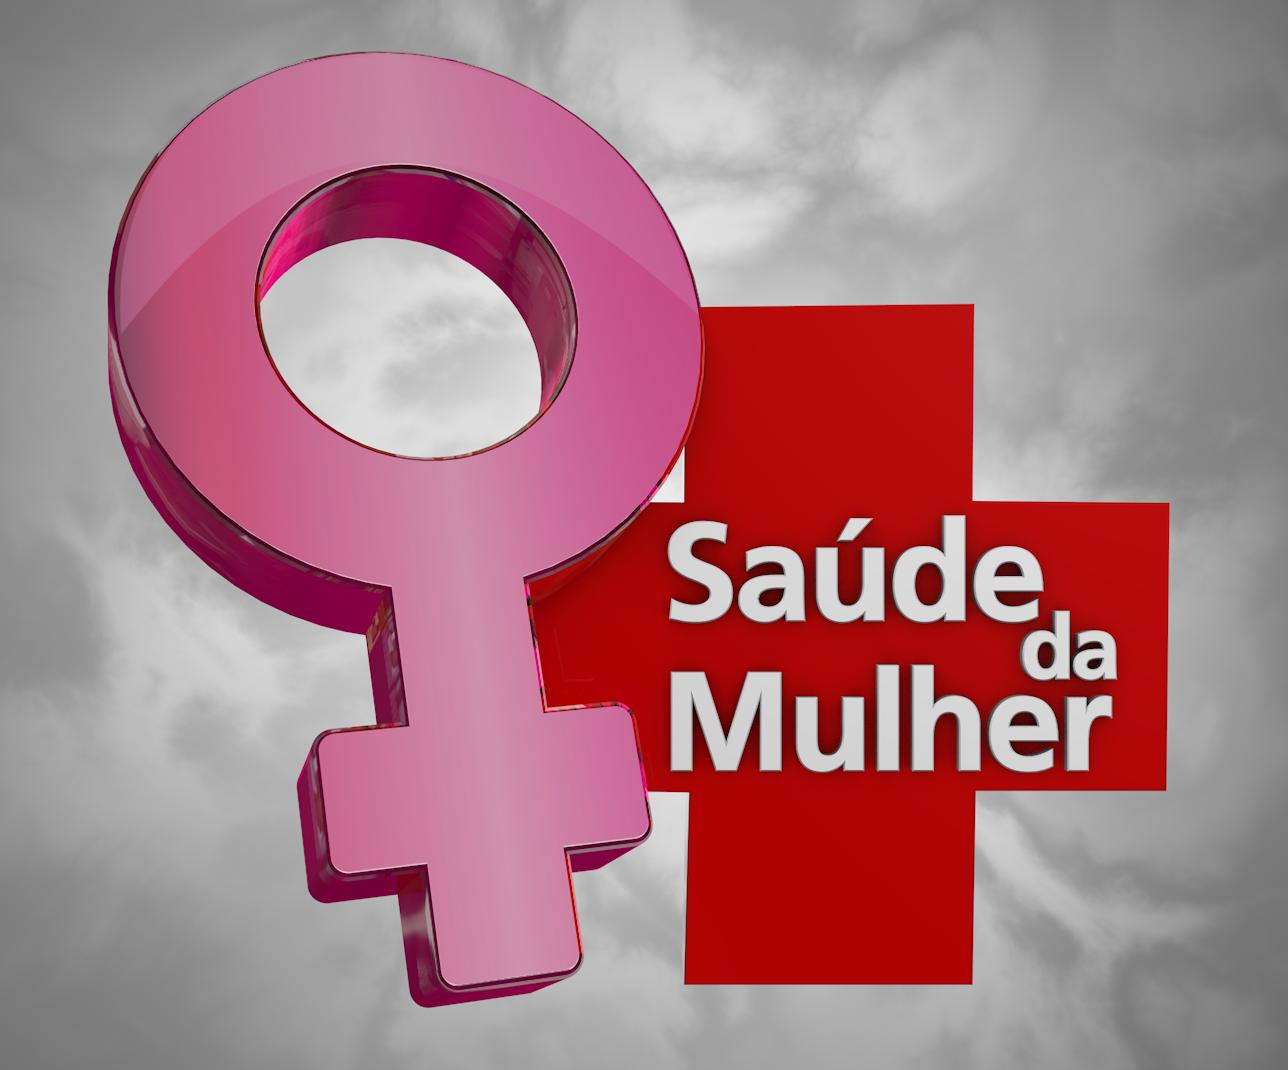 Saúde da Mulher 2015 (Foto: divulgação)